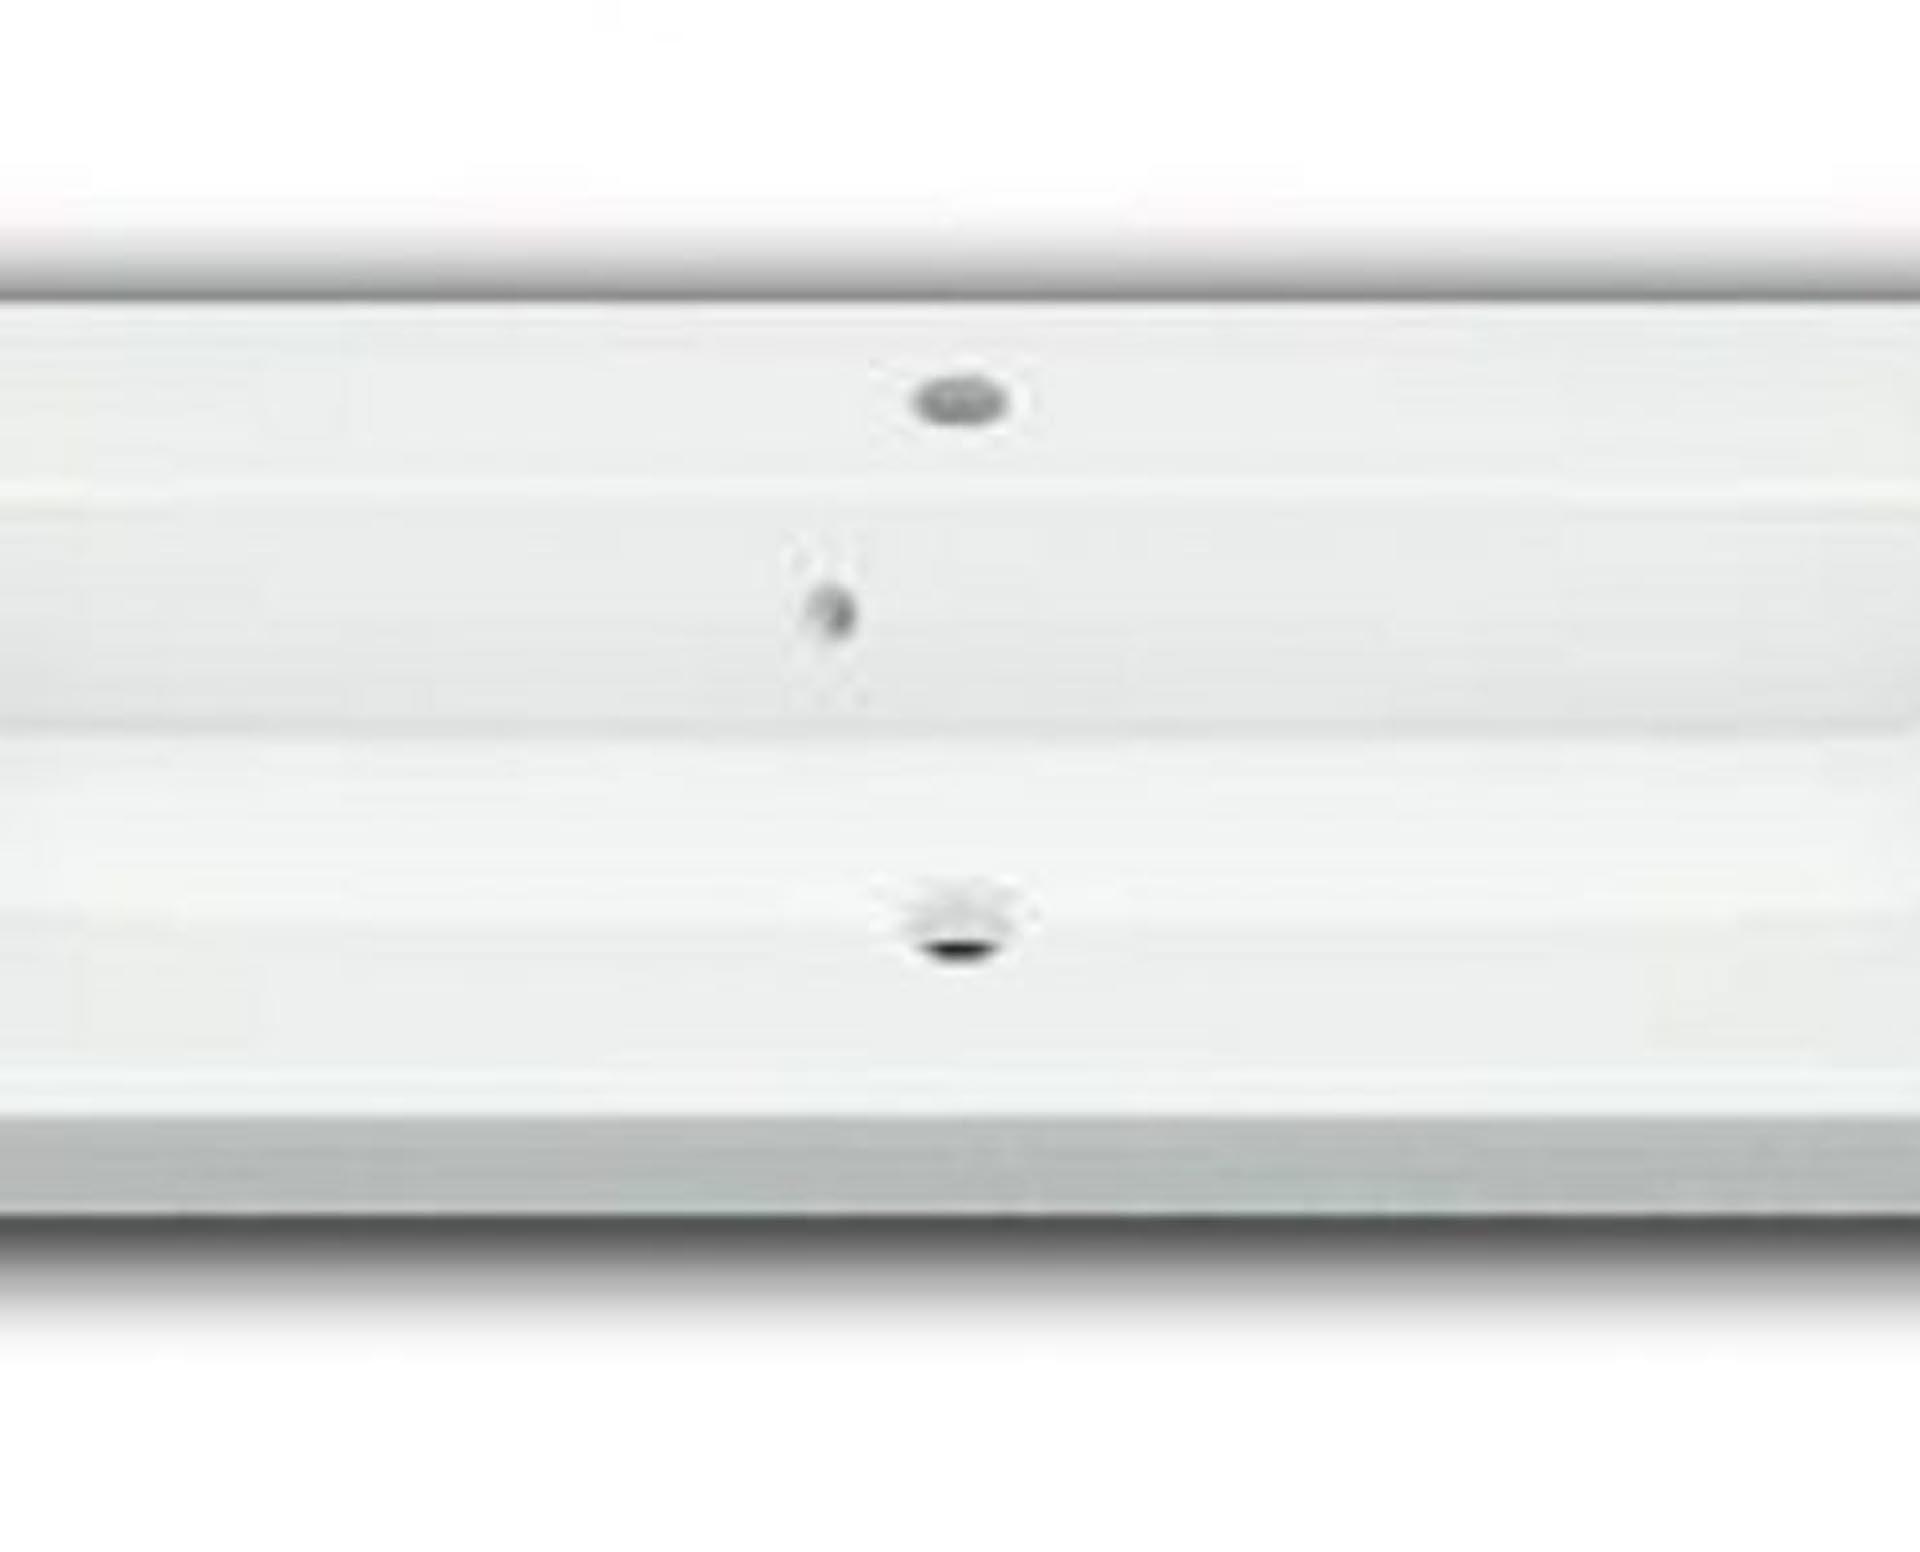 Flot designhåndvask i Kunstmarmor (Top-Solid). Vasken er lavet i hvid højglans komposit, som gør den meget nem at holde ren. Vasken har målene: 80,5 x 35,5 x 10 cm. Vasken tåler alle former for rengøringsmidler. Vasken kan bruges som fritstående vask - da vasken er flad i bunden er den velegnet til at placere direkte på en bordplade. Vasken er hensynsmæssigt designet med fine rundinger, som både giver vasken et eksklusivt udtryk og gør den rengøringsvenlig. Vasken vedligeholdes med voks - vi anbefaler en behandling med vores egen naturvoks ID12002 et par gange om året for at opnå optimalt look.